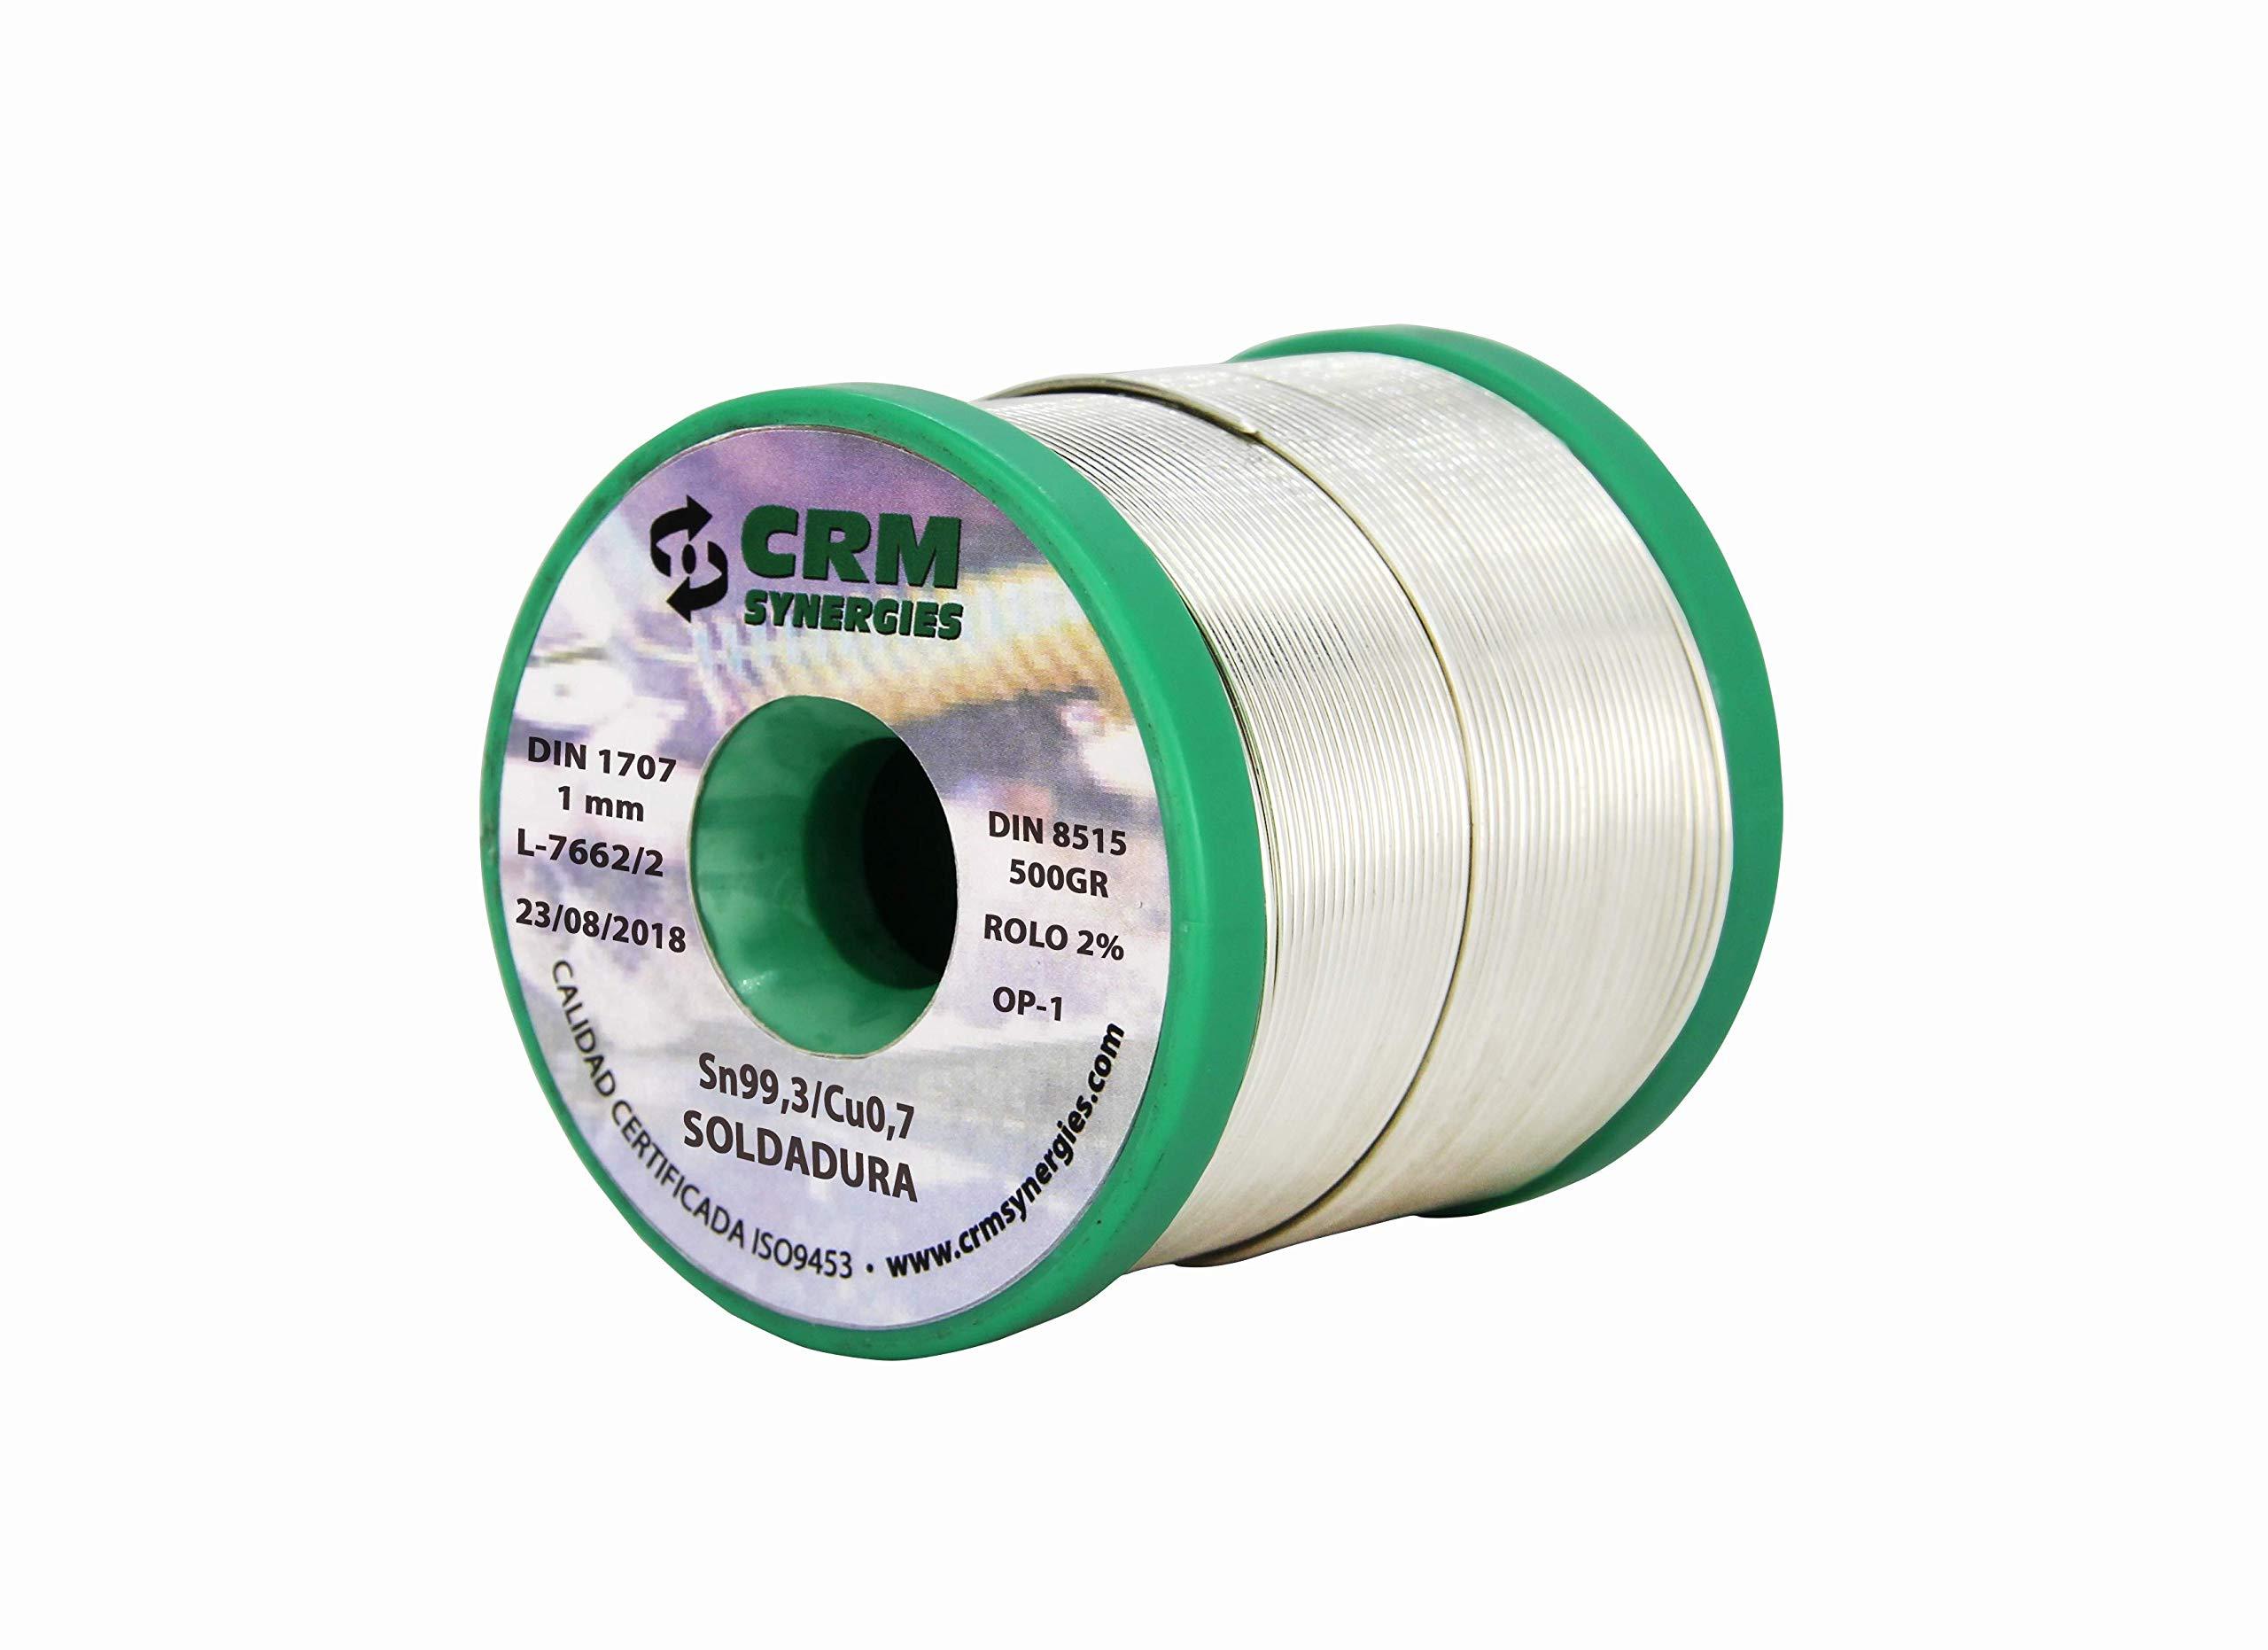 Hilo de Soldar Estaño Cobre CRM Sn99,3/Cu0,7 1mm 500gr